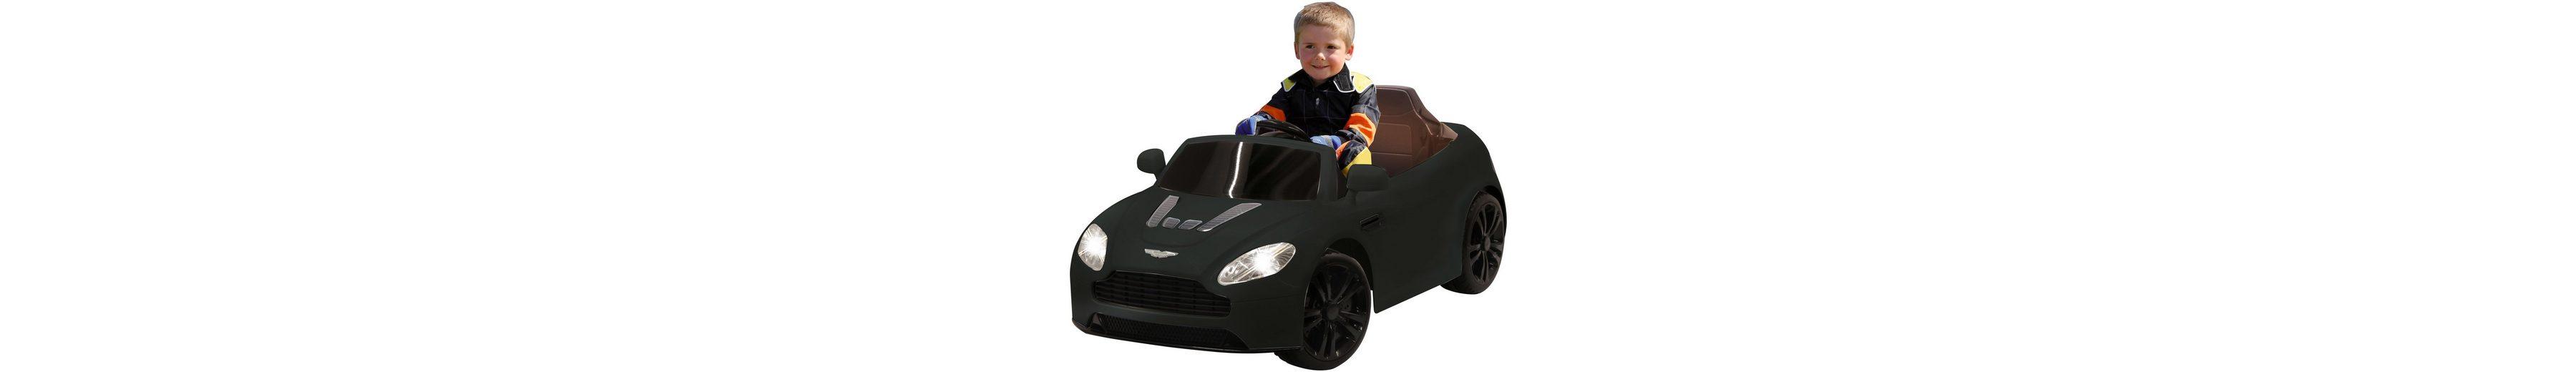 Elektro Kinderauto »ARide-on Aston Martin Vantage« 2,4 GHz, schwarz